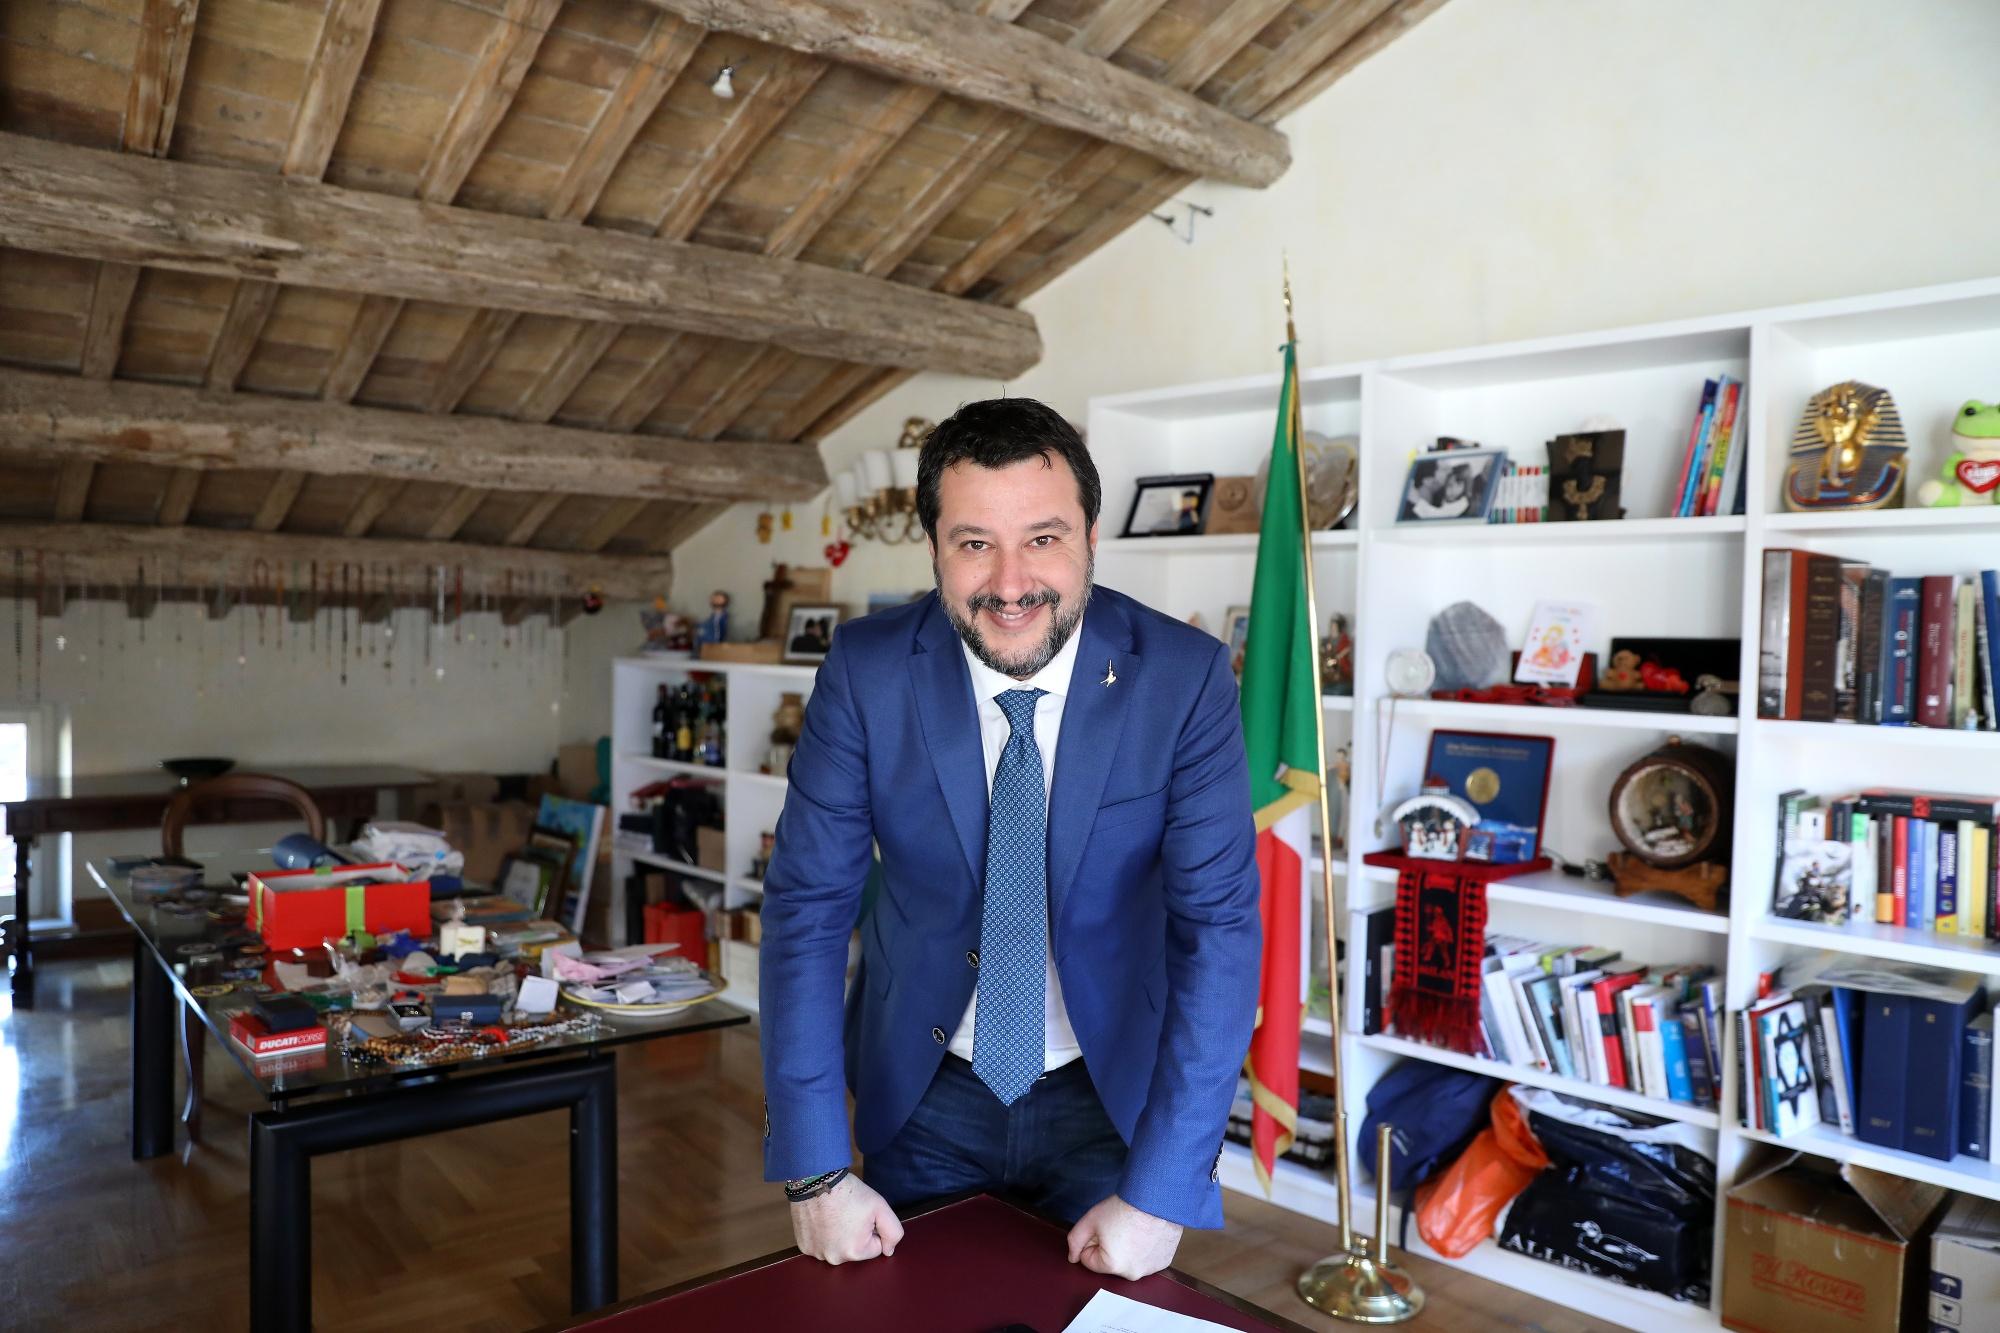 Intervista al leader della Lega italiana Matteo Salvini